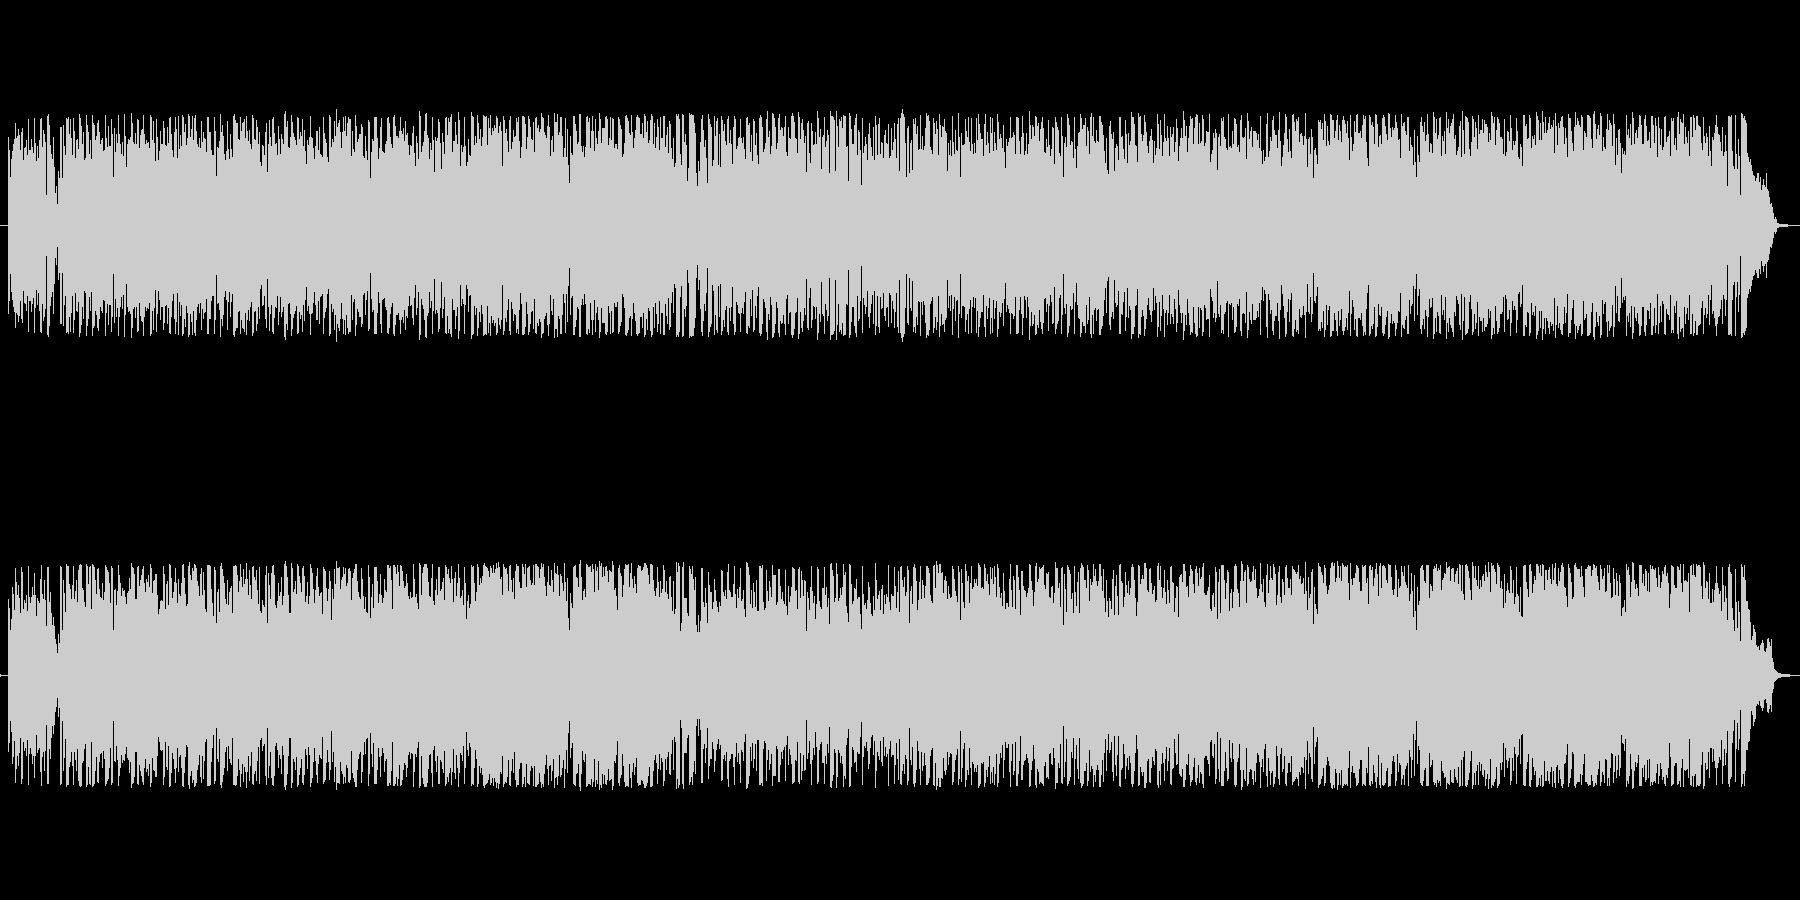 カントリー・ケルト風の軽快な曲の未再生の波形